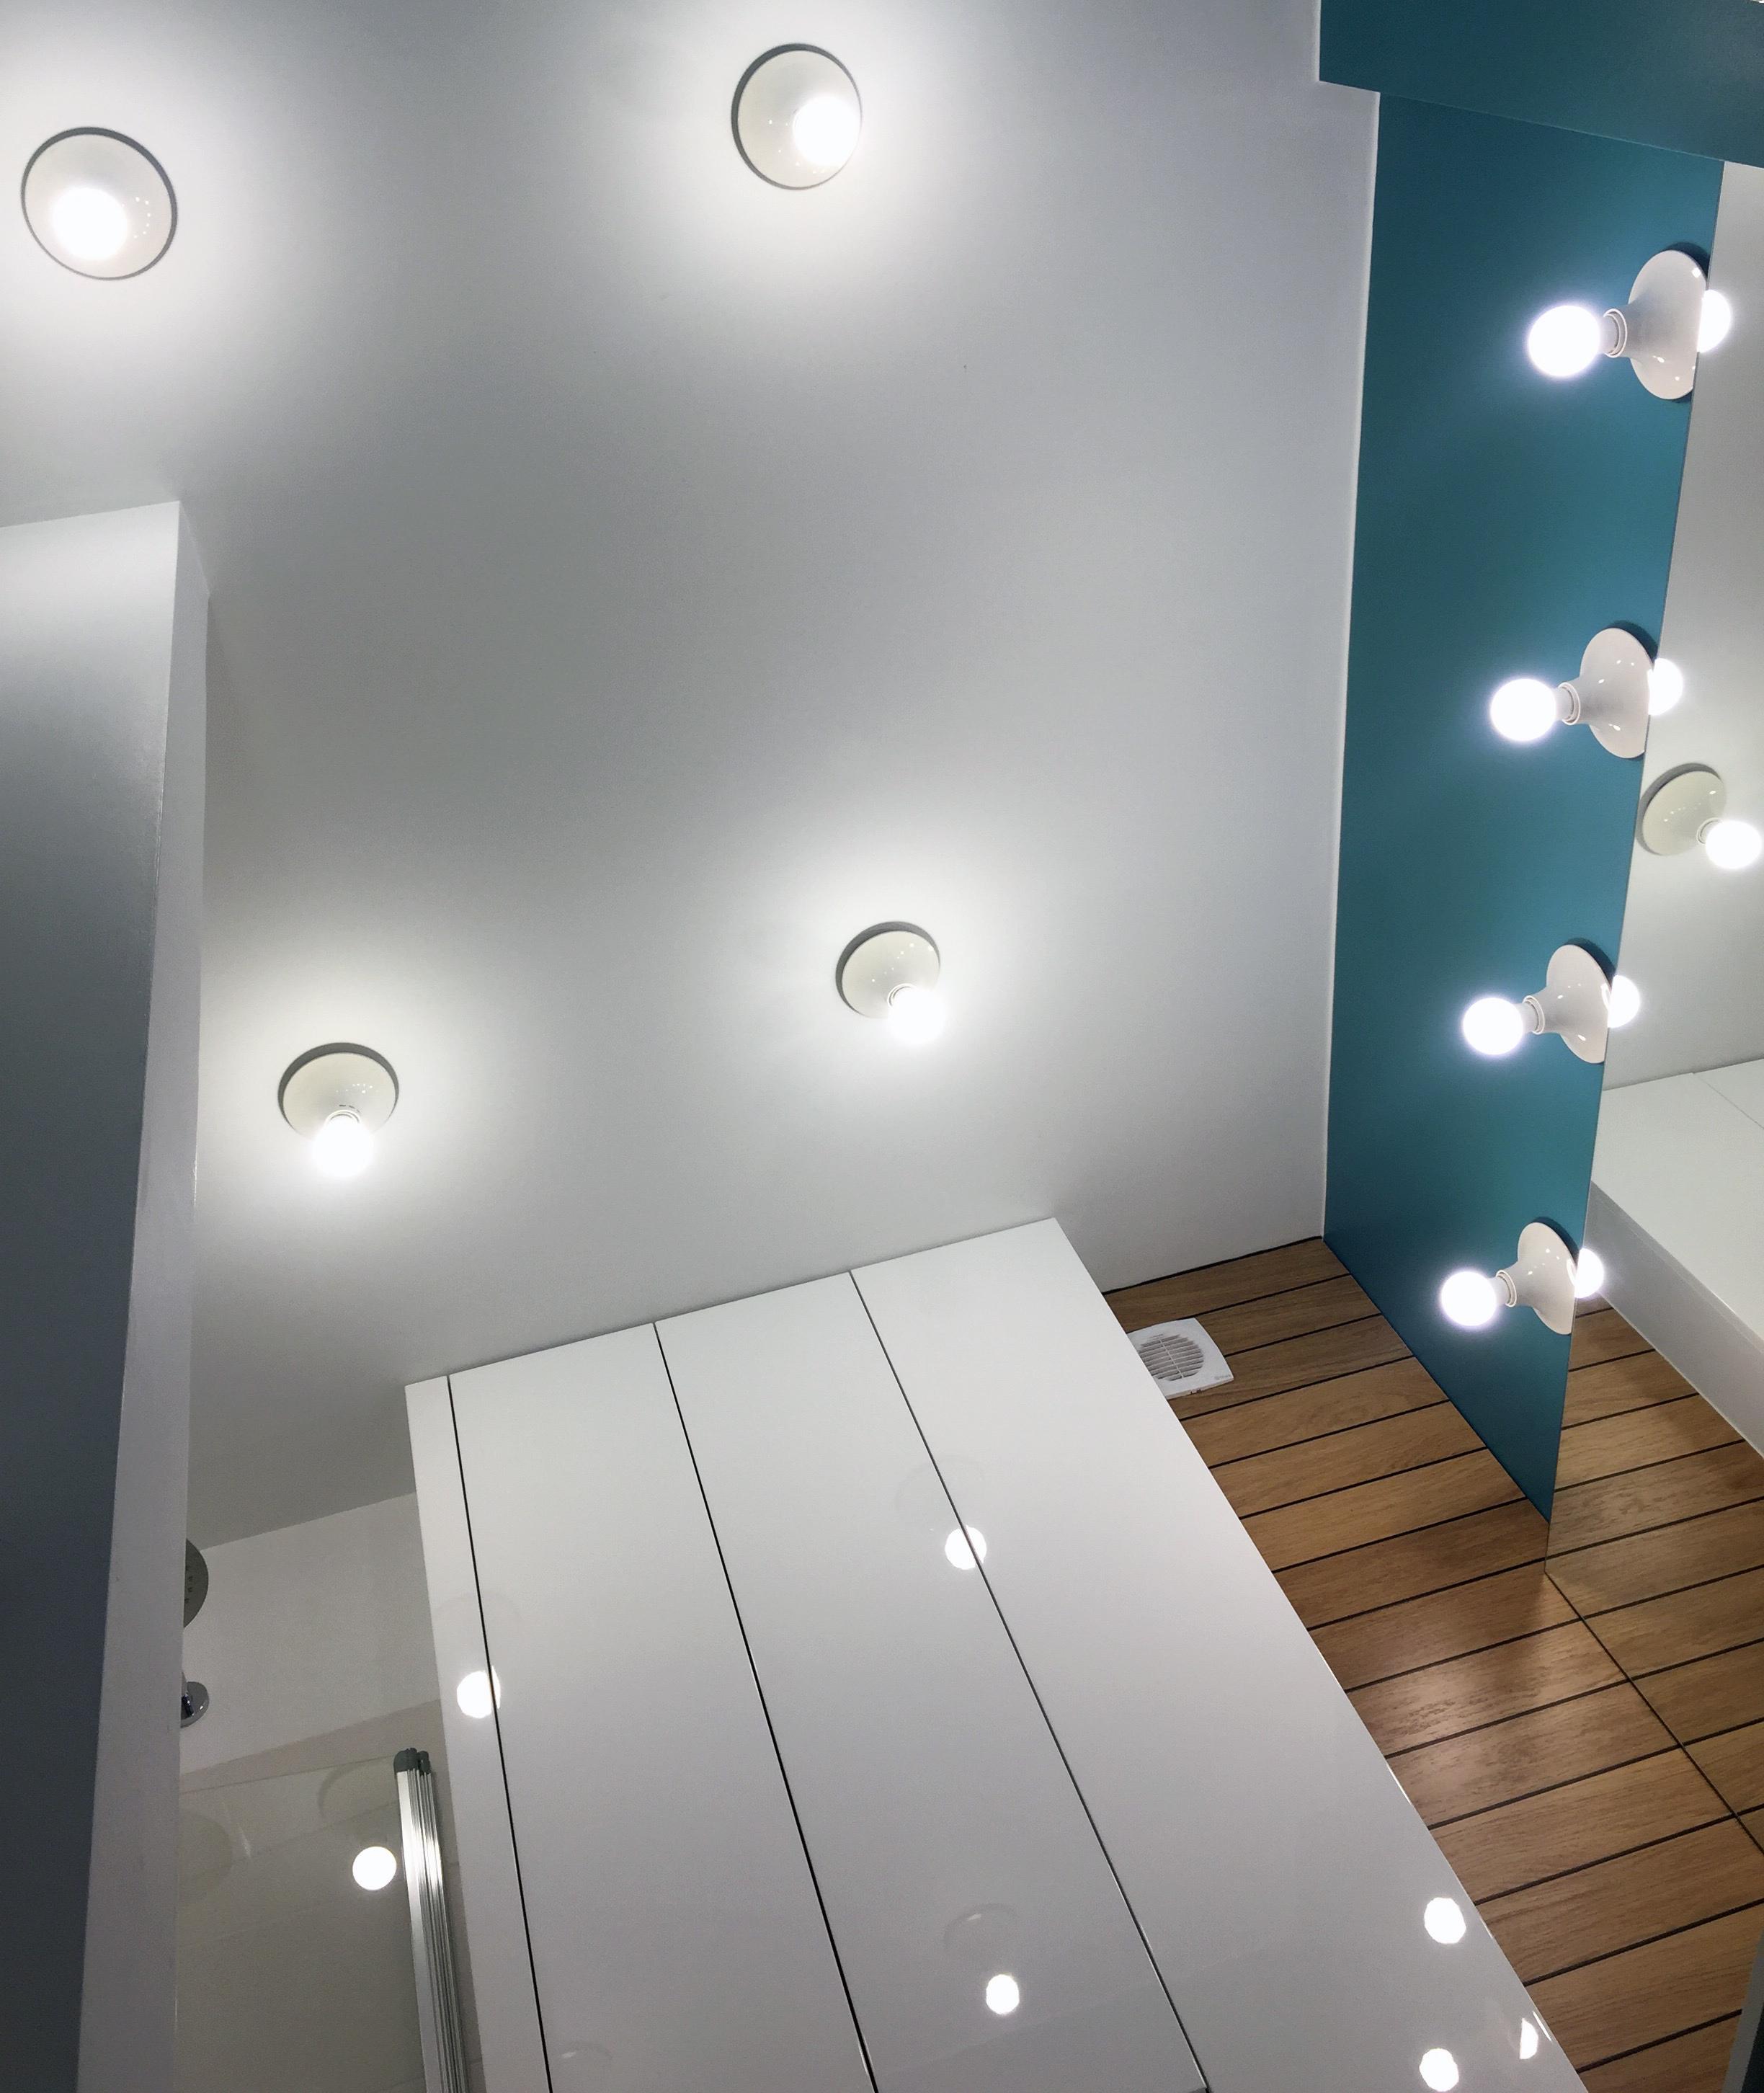 Lampy Teti luksusowej firmy Artemide